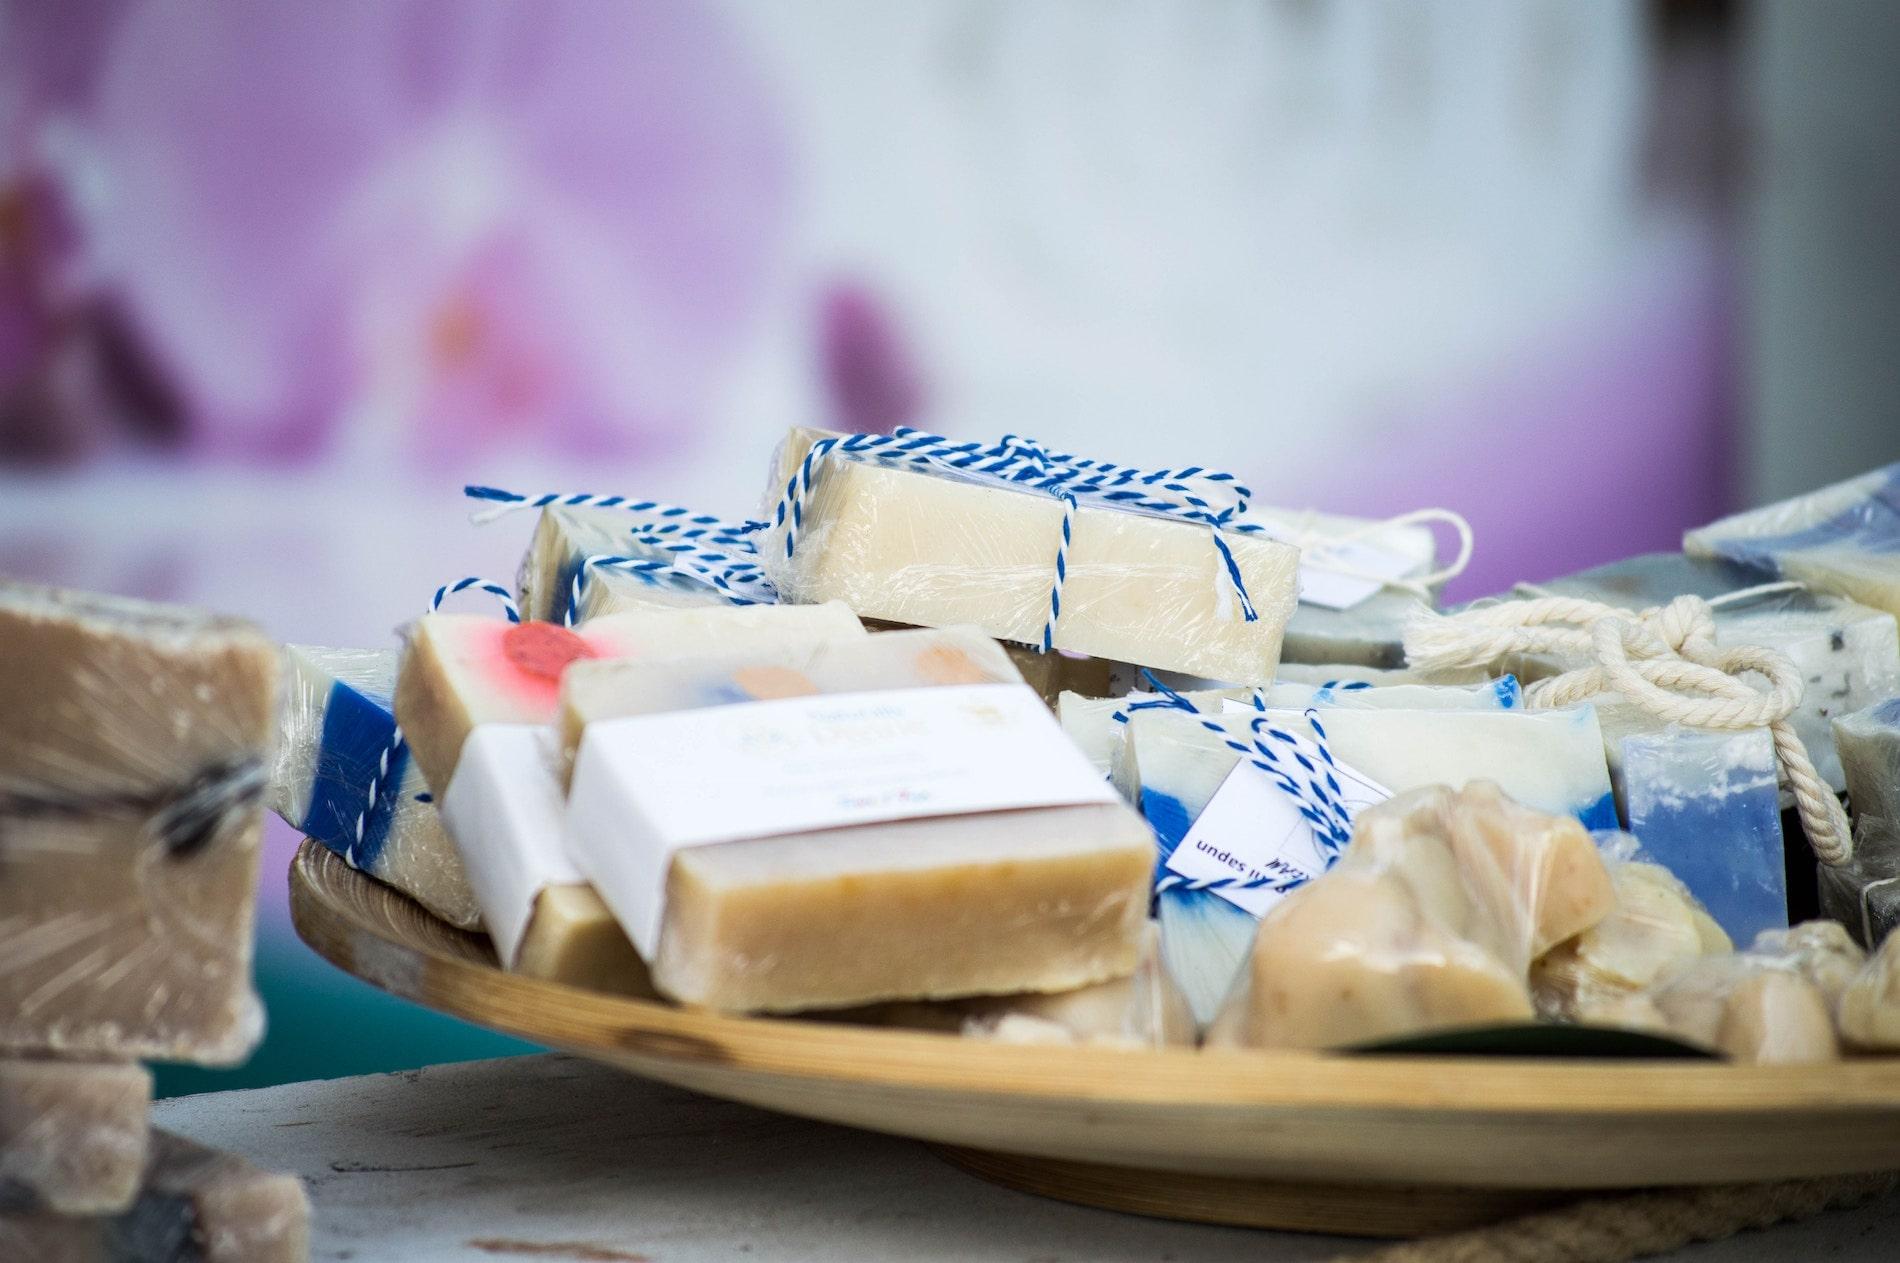 Close-up of handmade soap